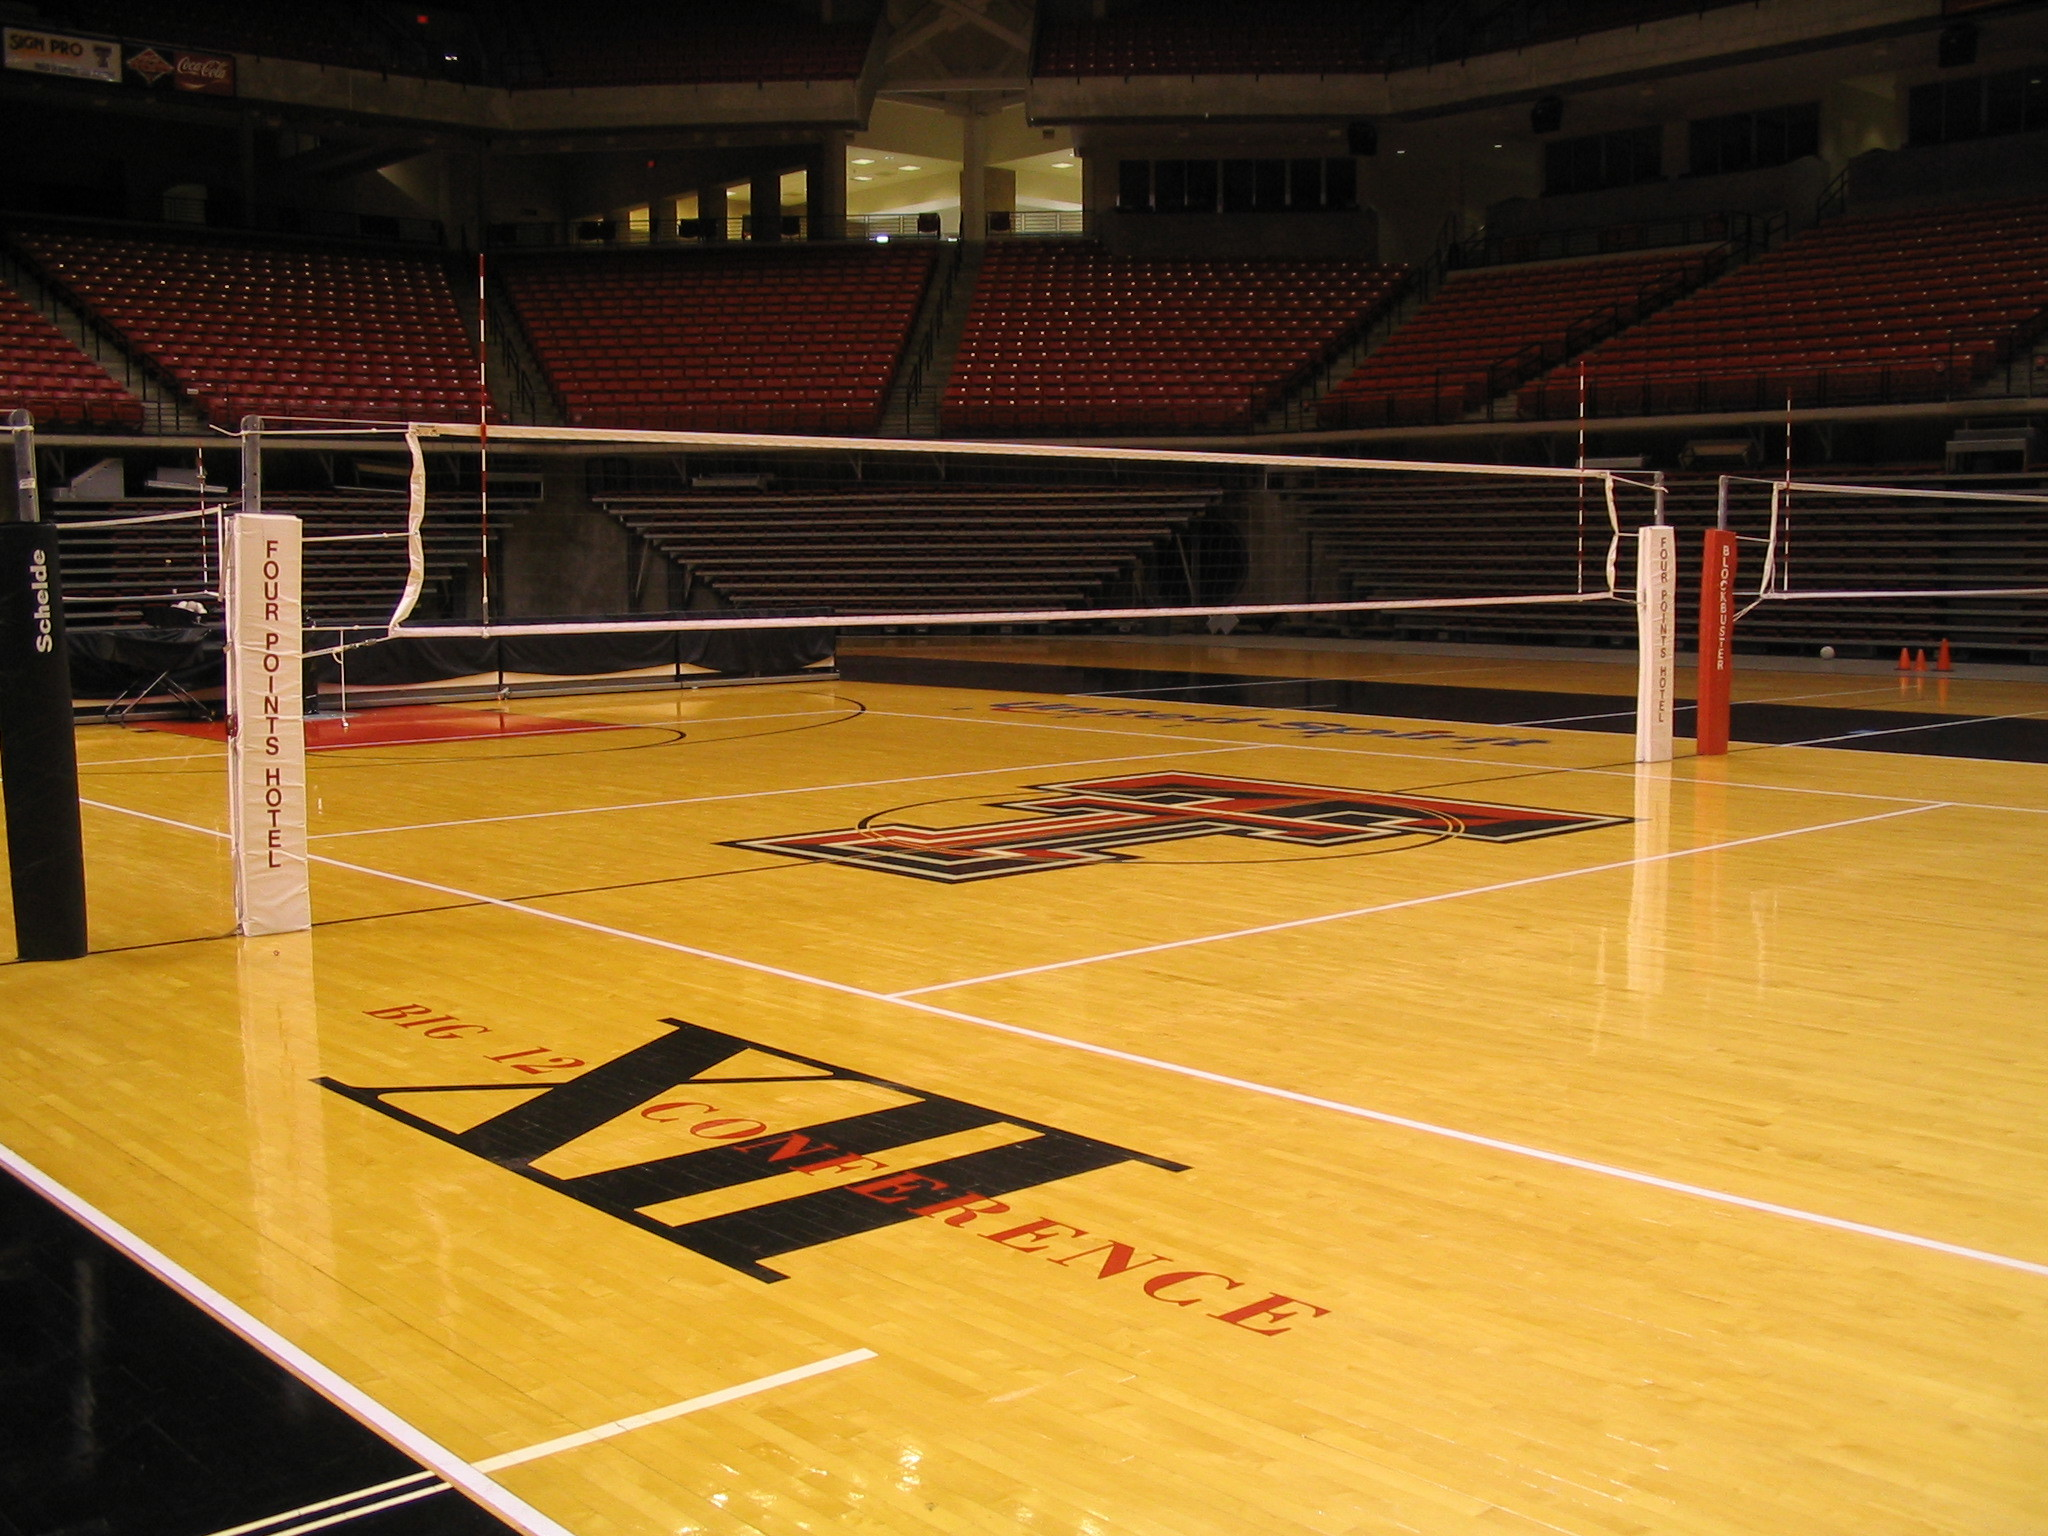 Volleyball court wallpaper - Court wallpaper ...